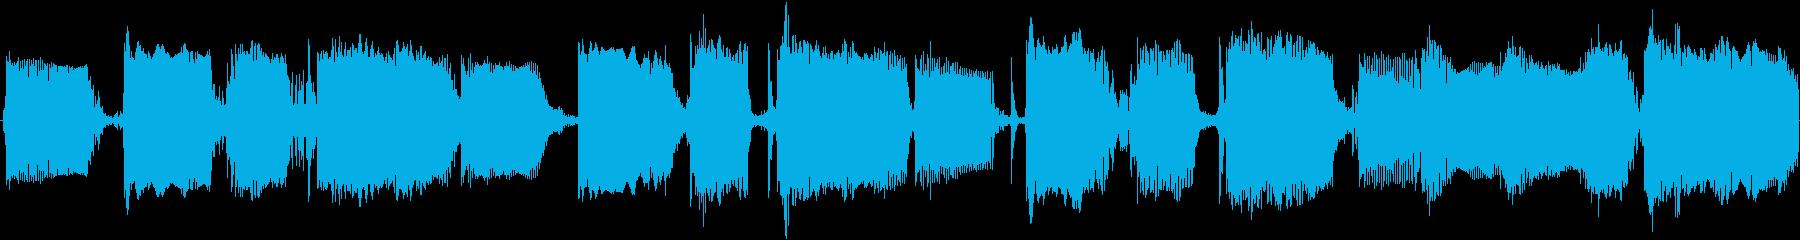 ファンク等に使えるスラップベースループの再生済みの波形